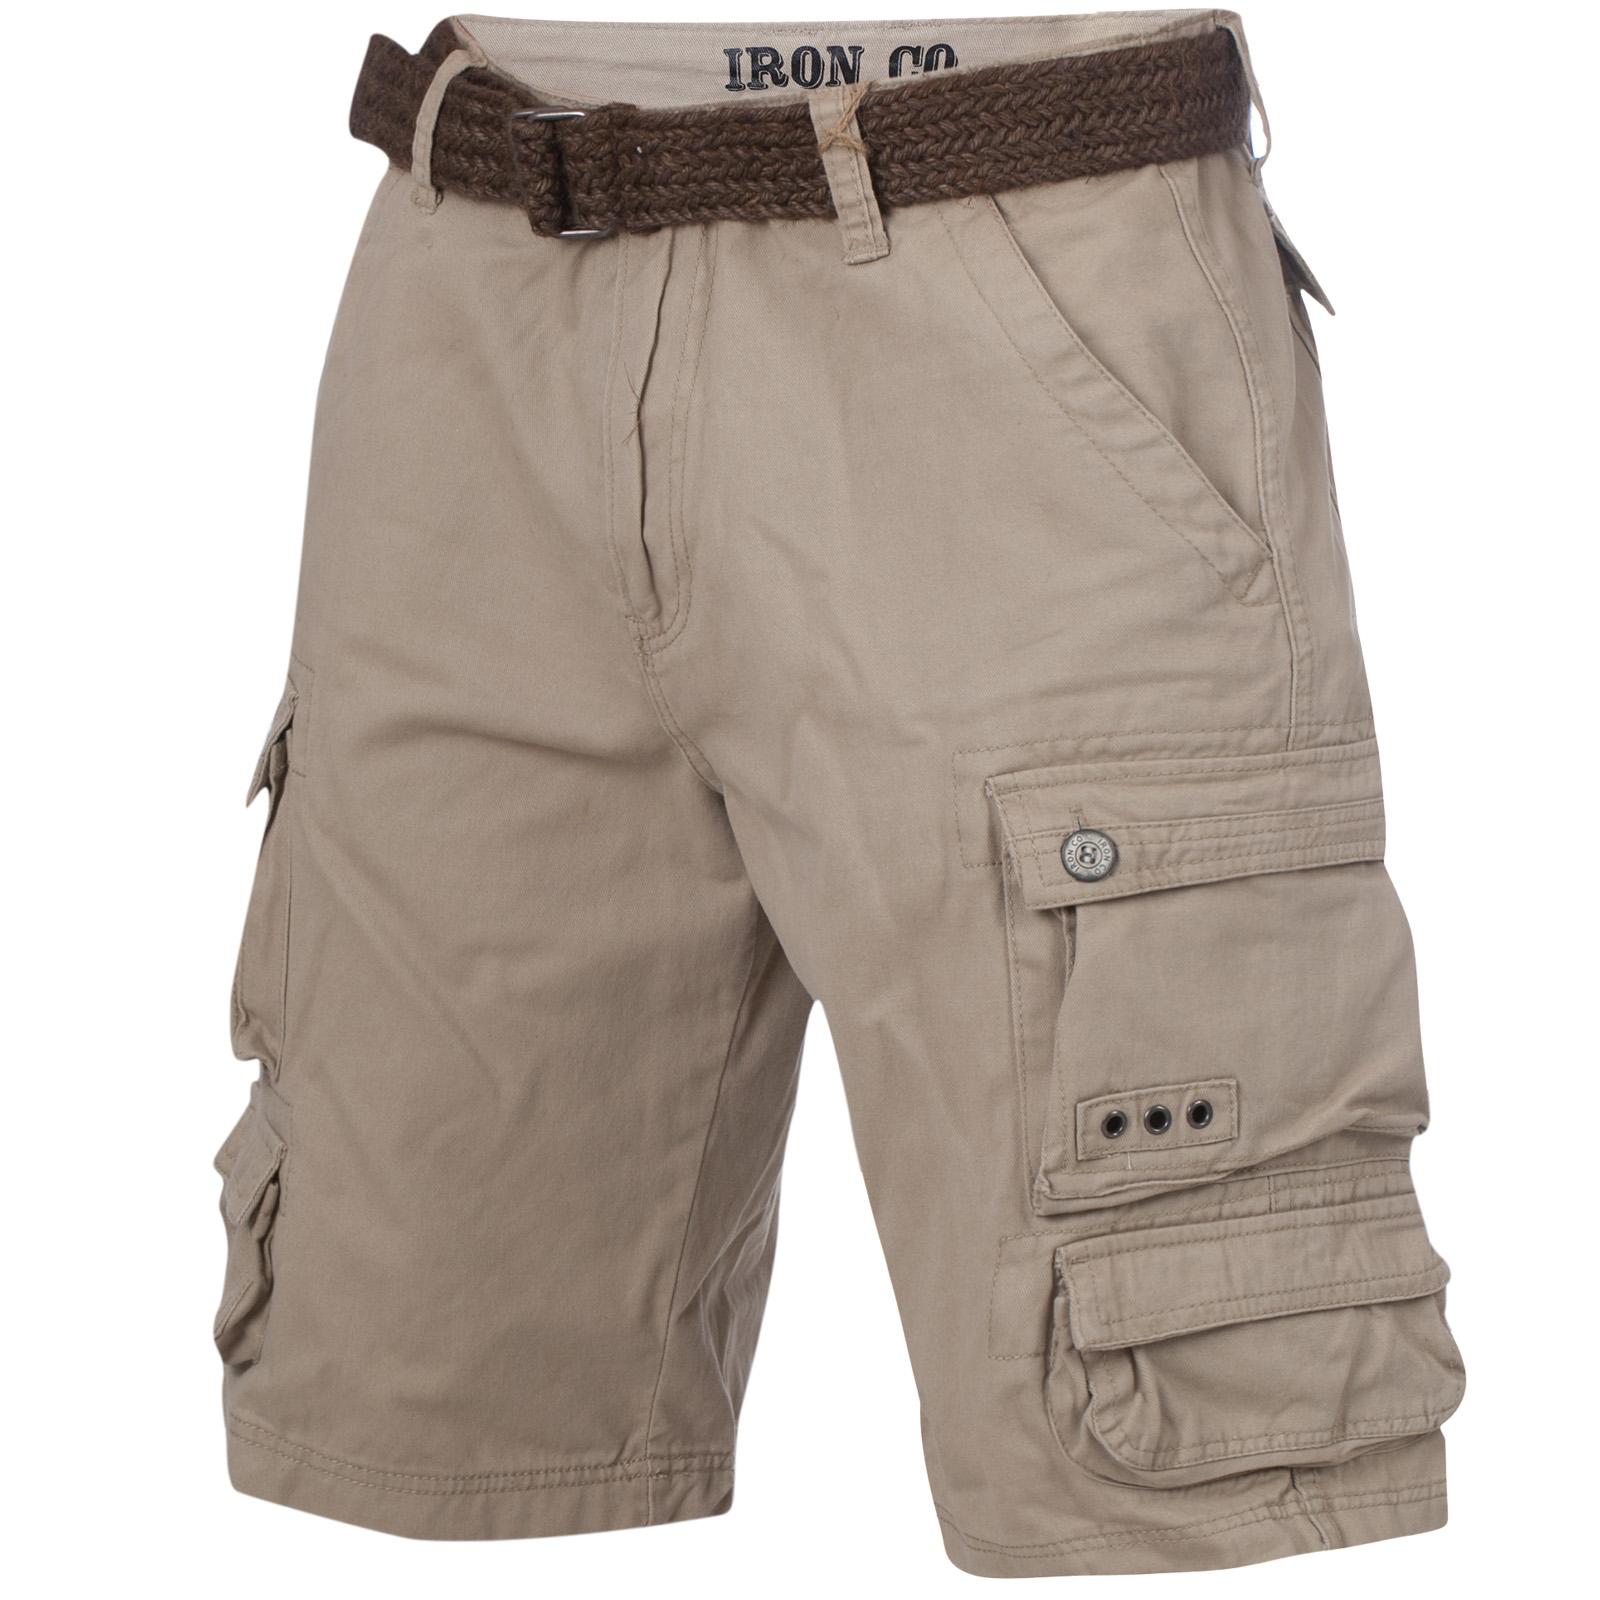 Модные шорты для лета (Iron Co., США)